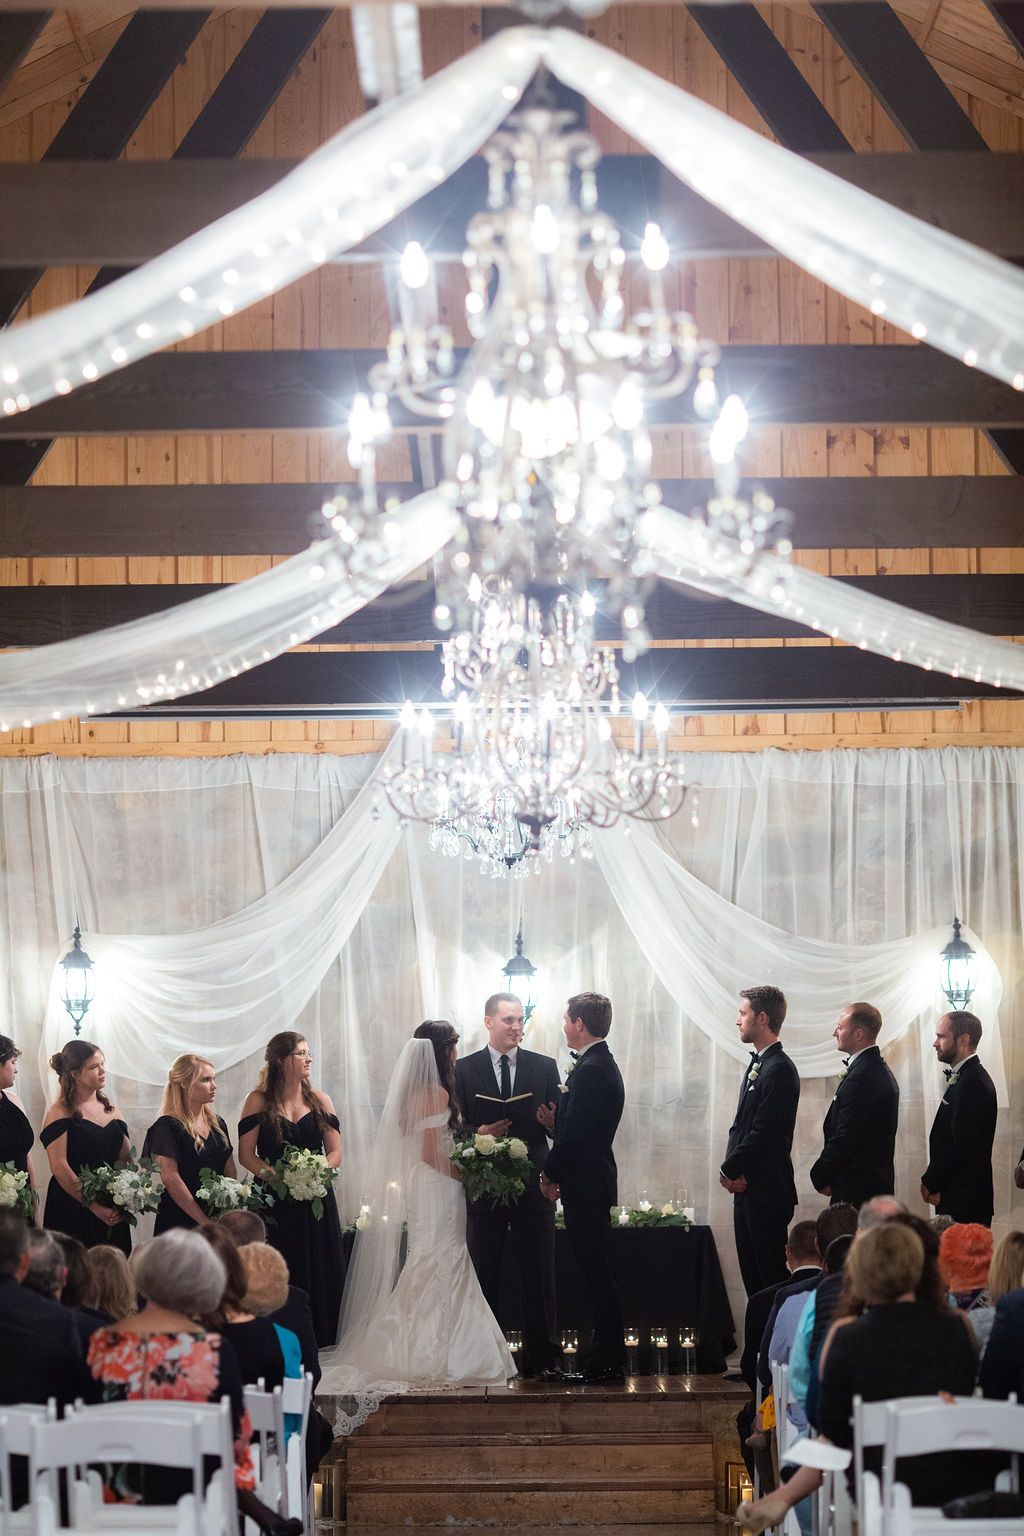 Wedding Venue Tulsa Oklahoma Tulsa Wedding Venues Indoor